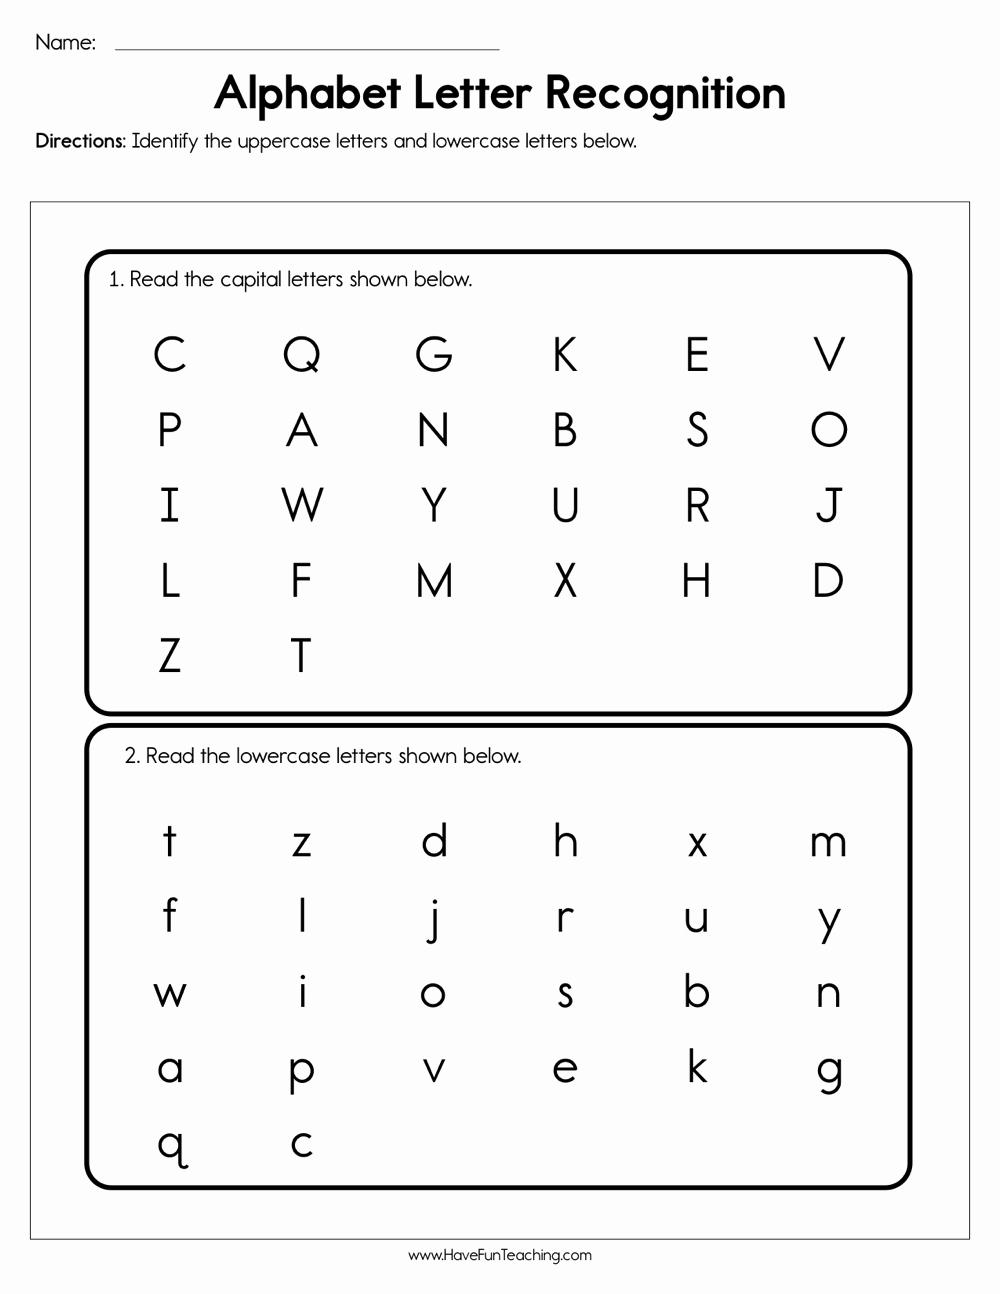 Letter Recognition Worksheets for Kindergarten Luxury Alphabet Letter Recognition assessment